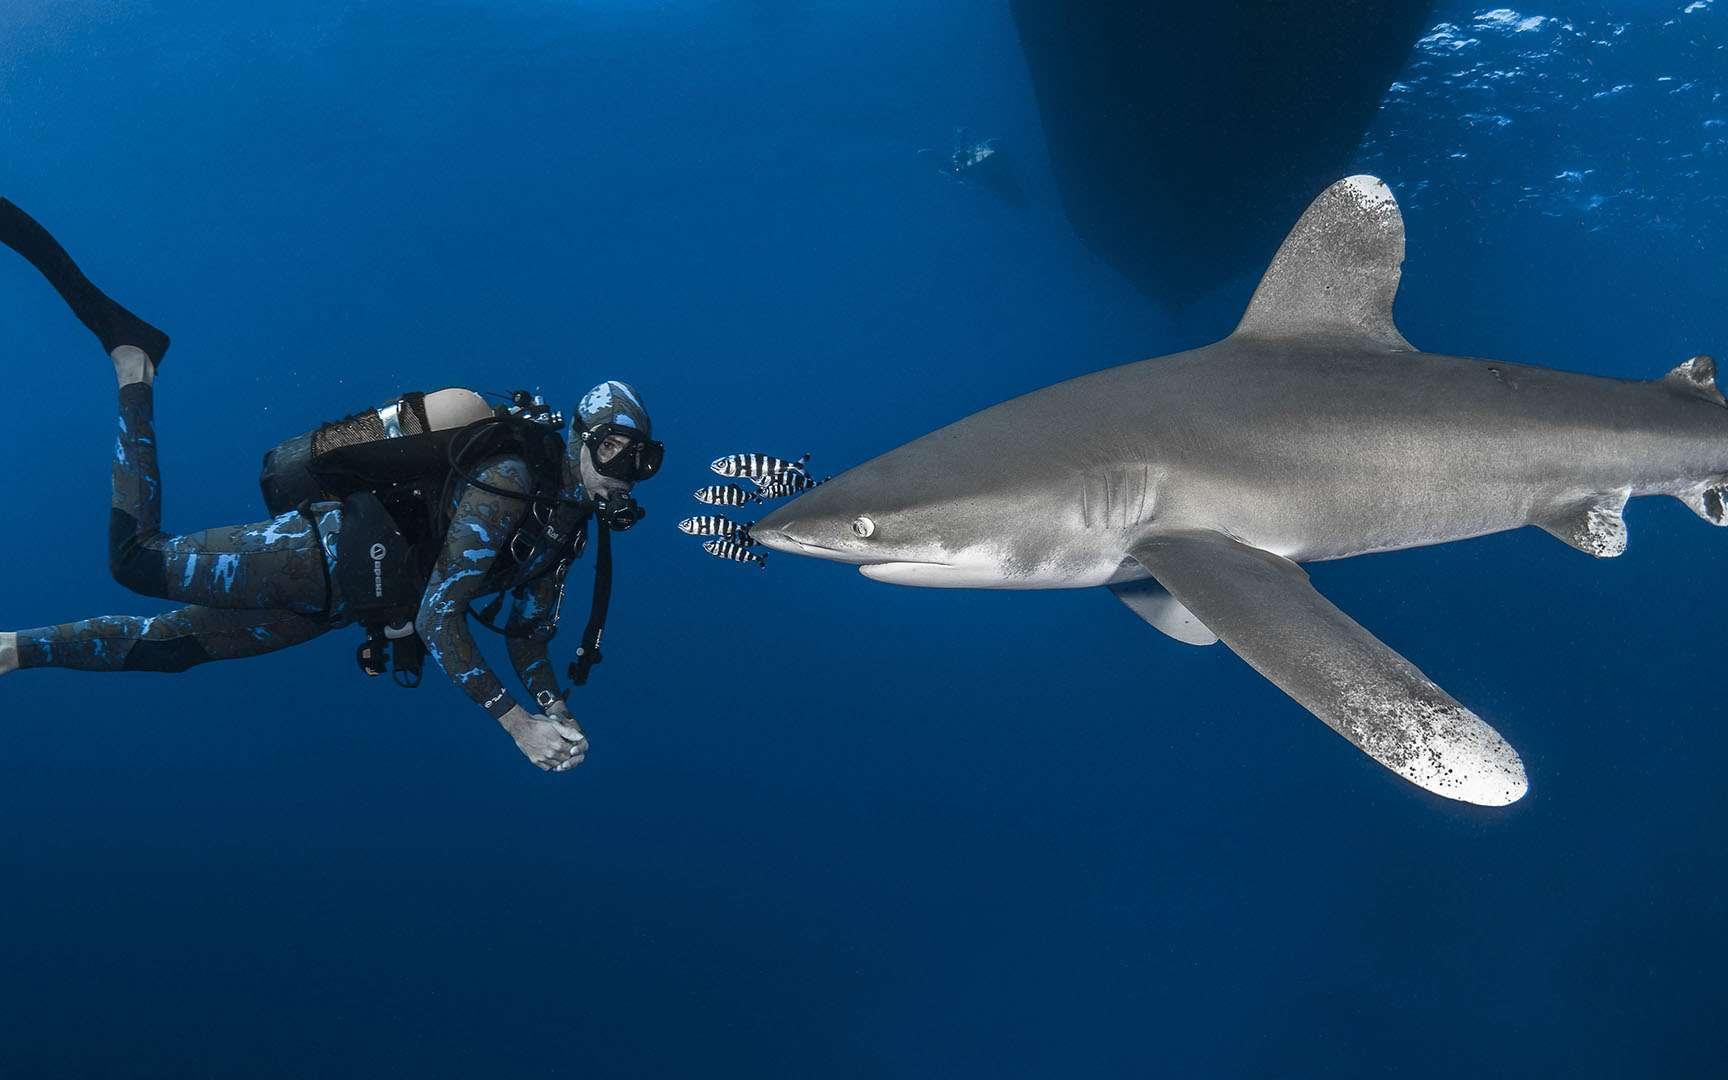 La peur du requin serait-elle irrationnelle ? © Greg Lecoeur, tous droits réservés